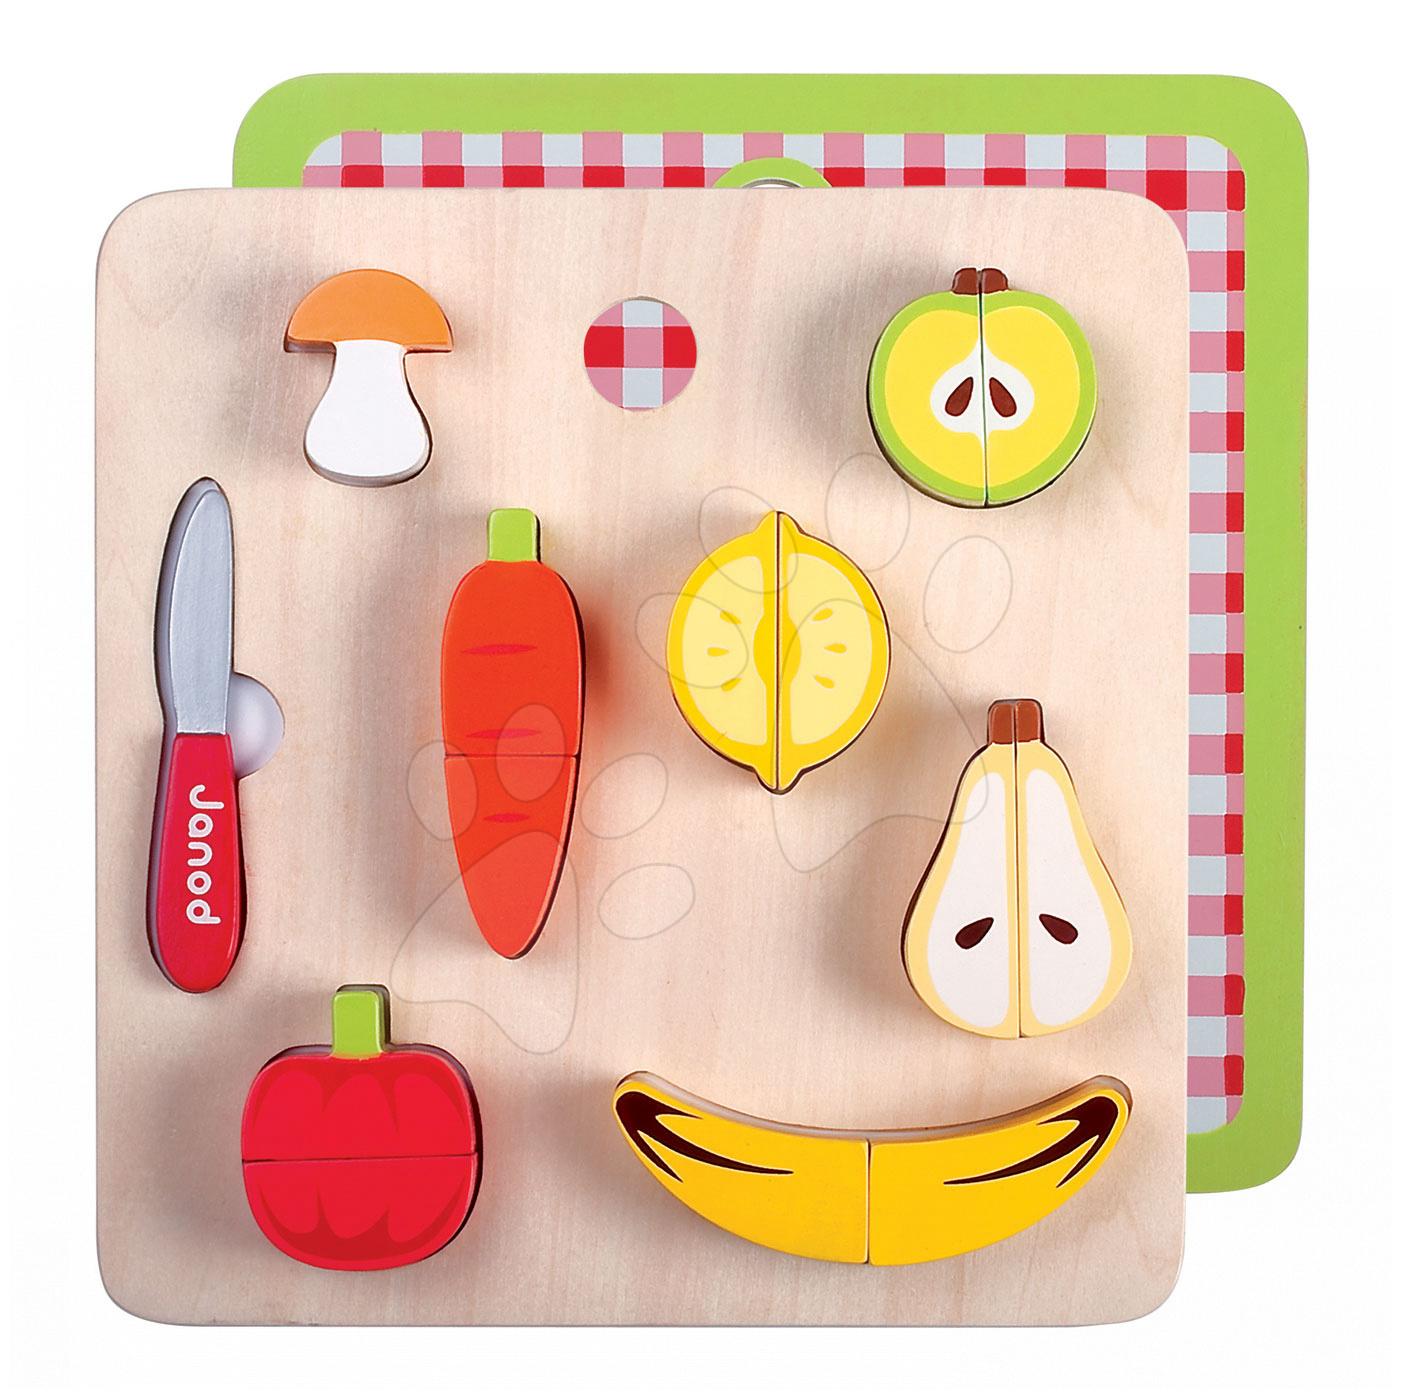 Drevené kuchynky - Drevené ovocie a zelenina Picnik Chunky Fruits&Veg Janod 12 kusov od 24 mes